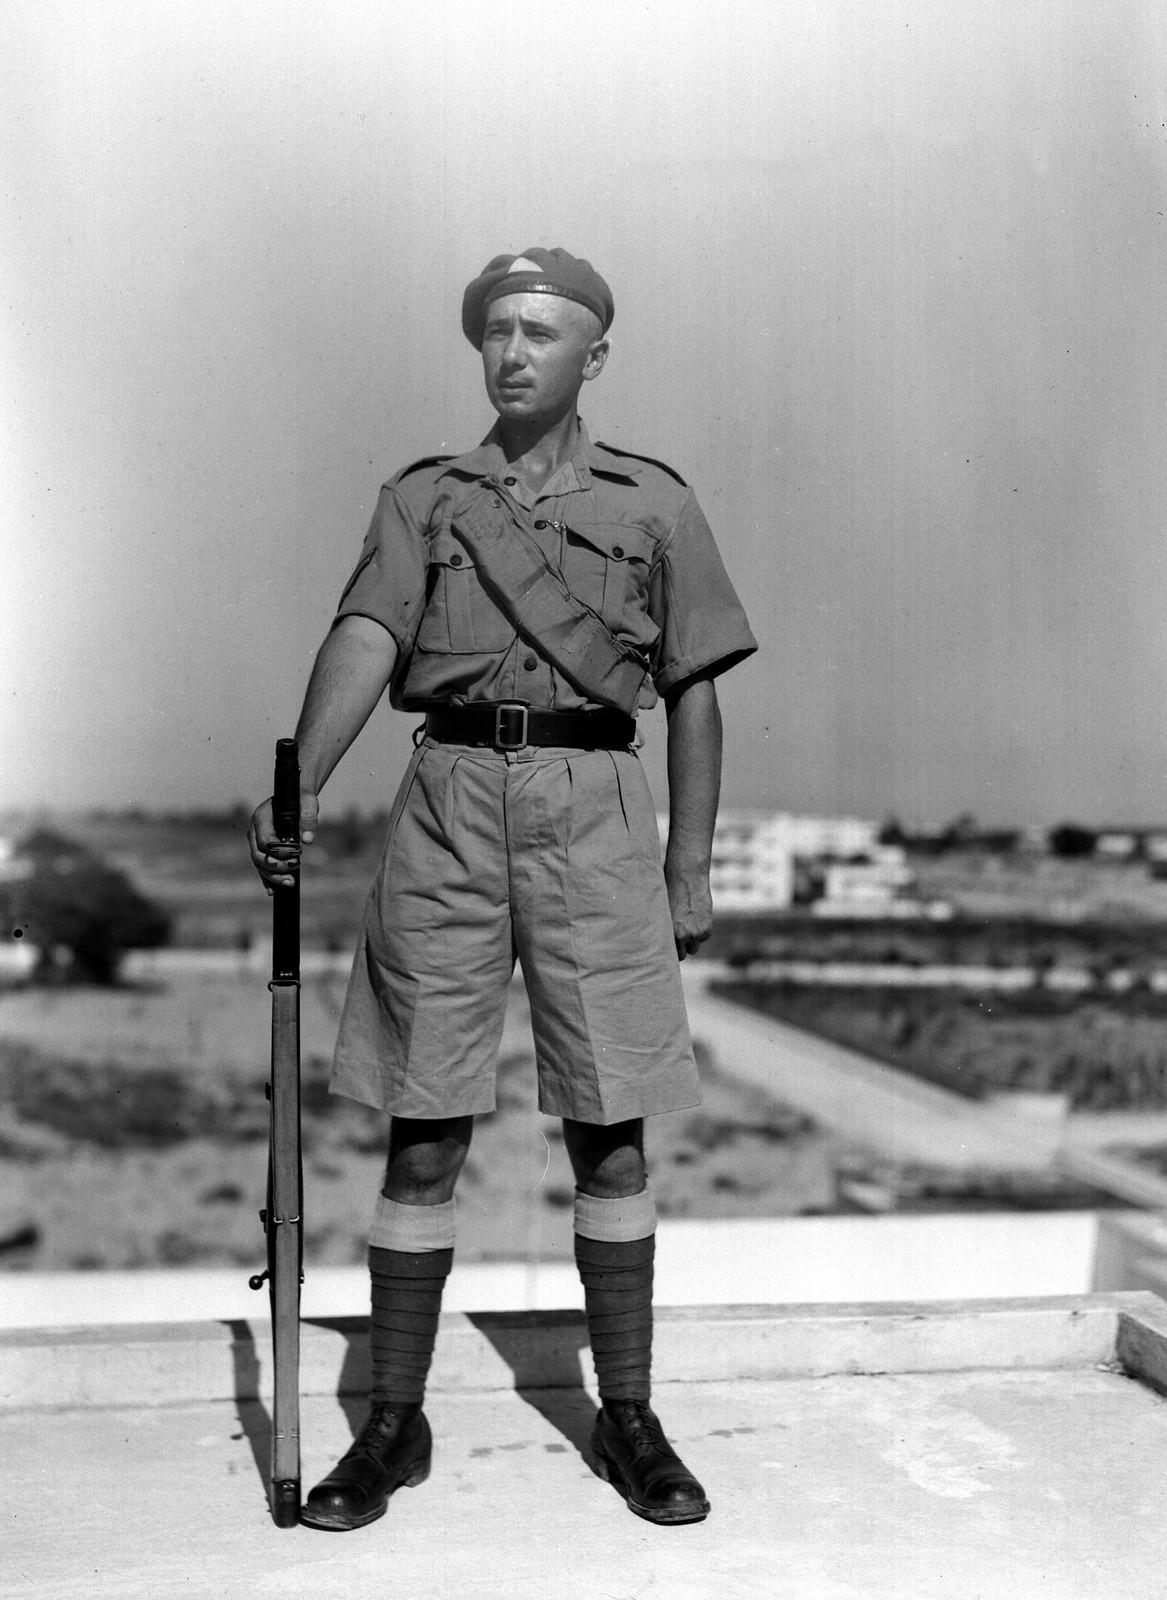 1939. Член Еврейской поселенческой полиции. 17 июня